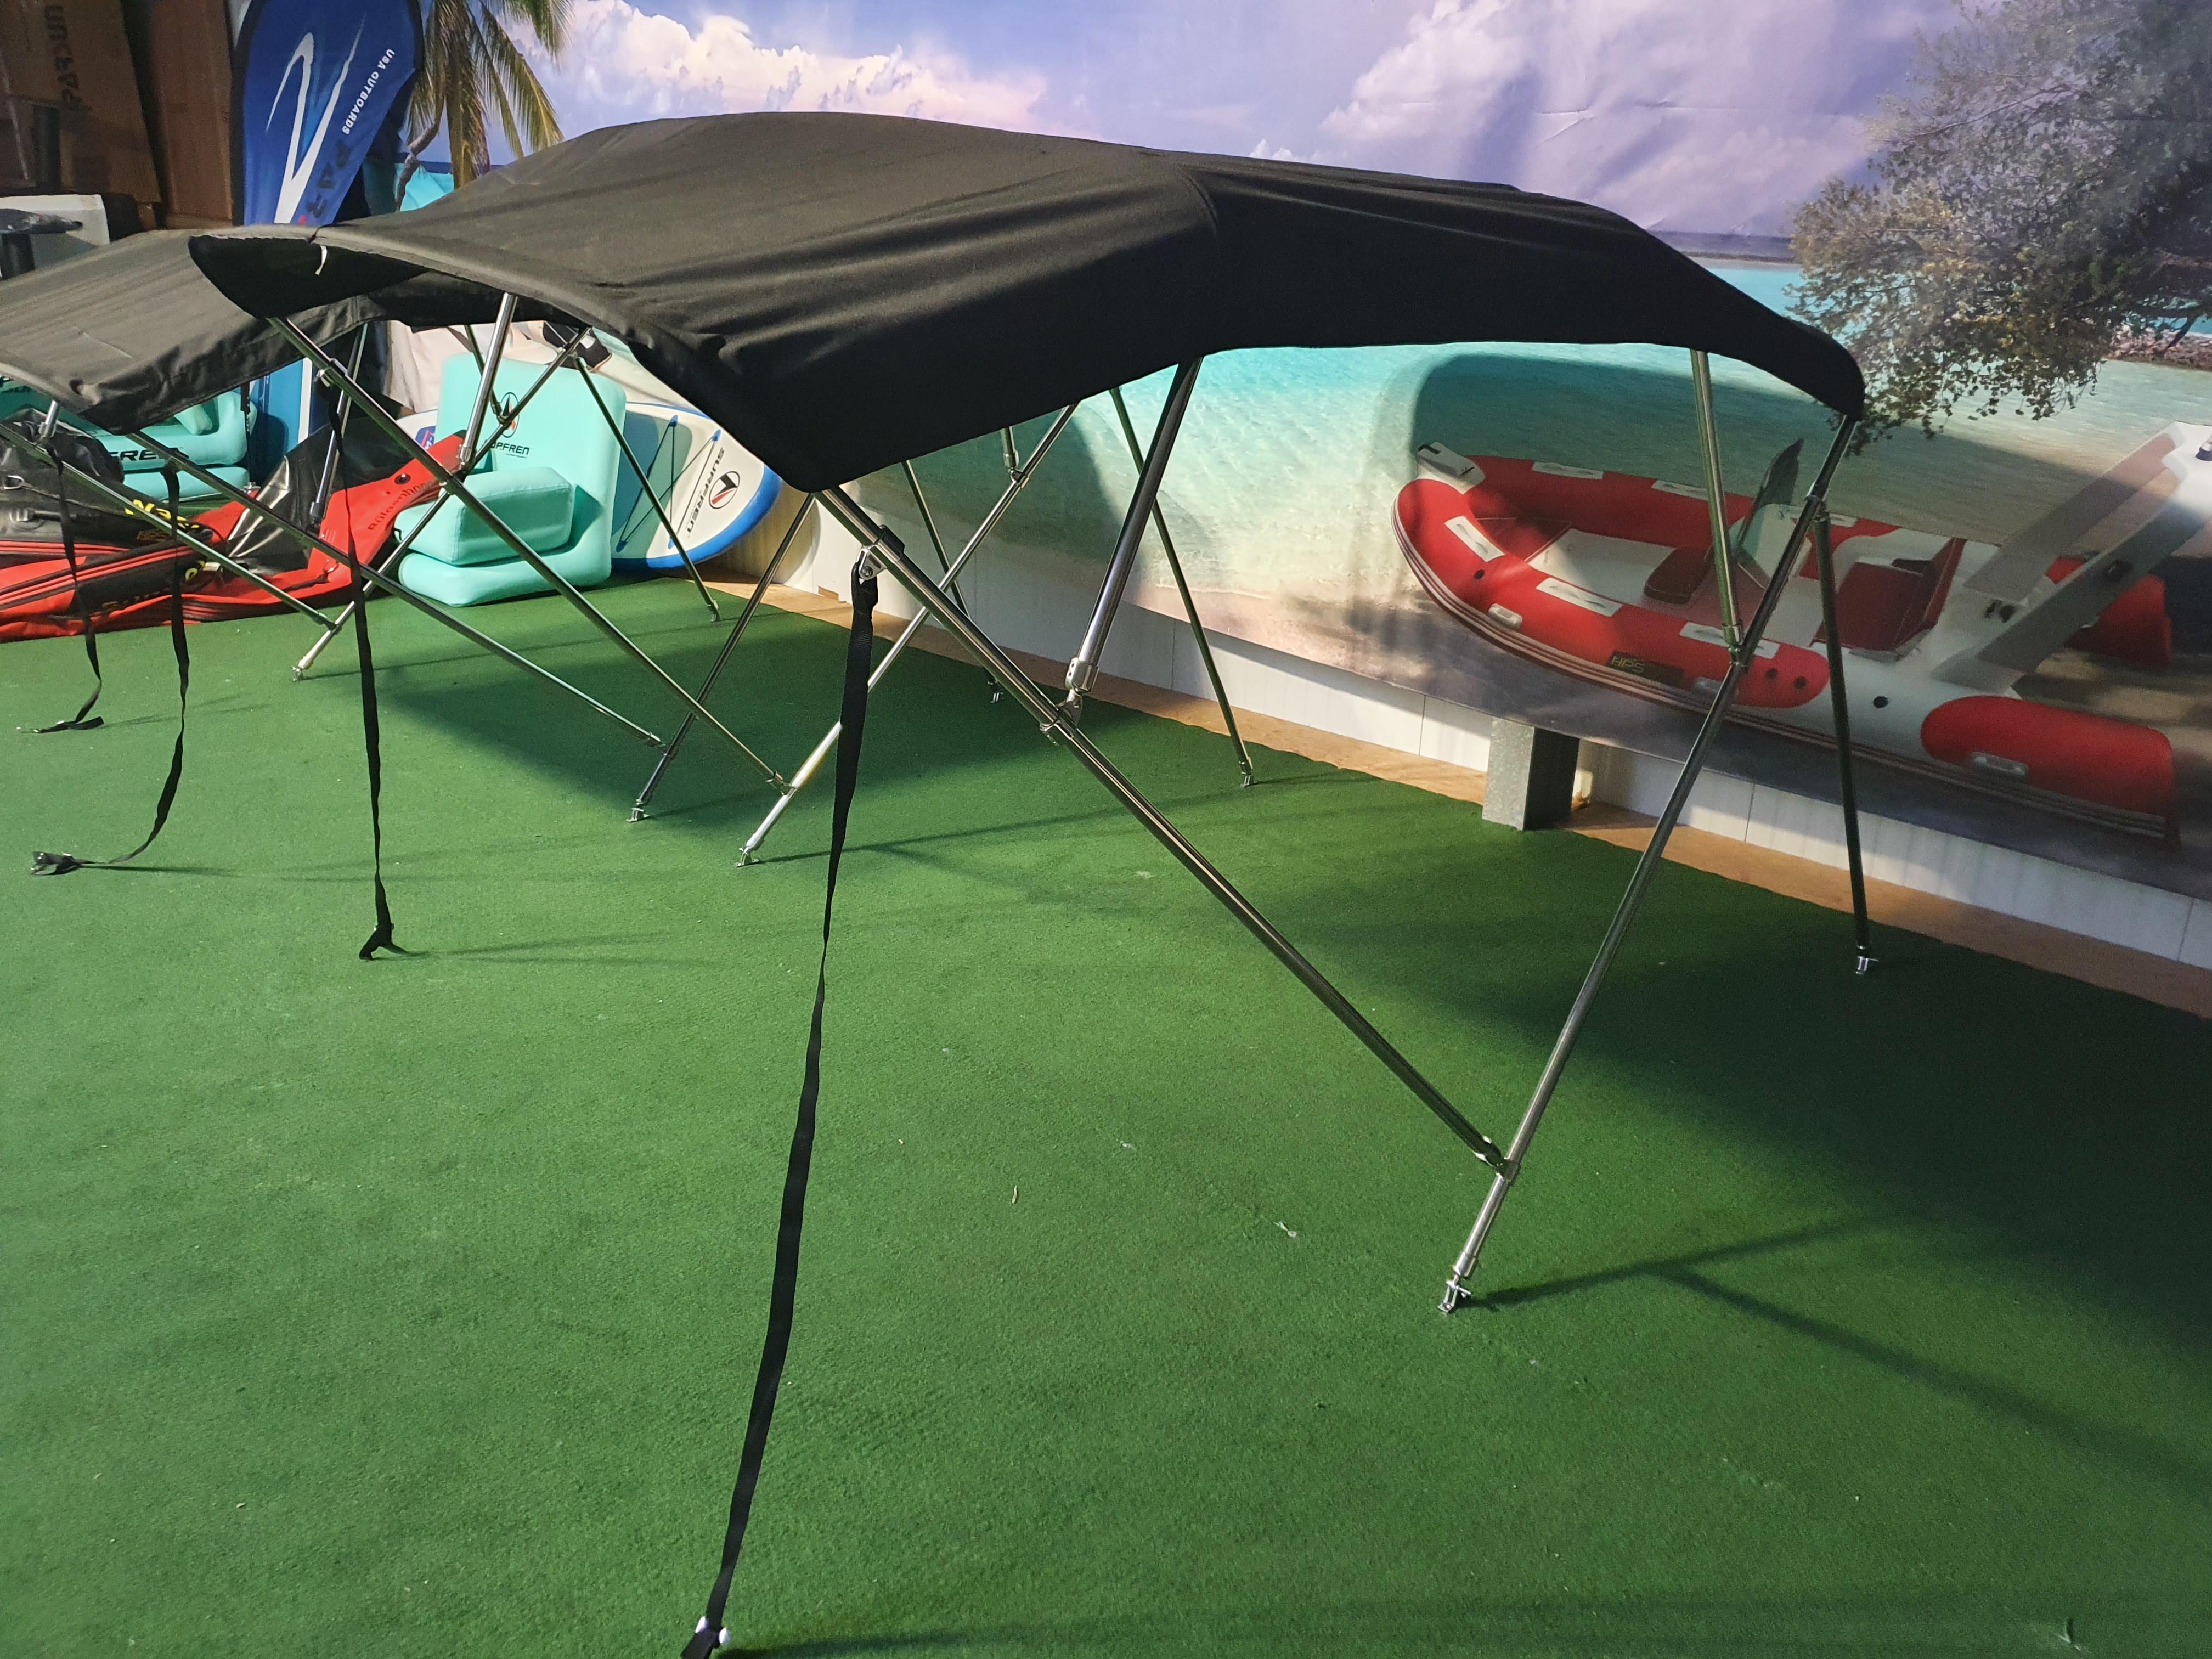 Bimini Top 1,85m -1,95m in Edelstahl in Grau oder Schwarz für GFK Boot oder Schlauchboote